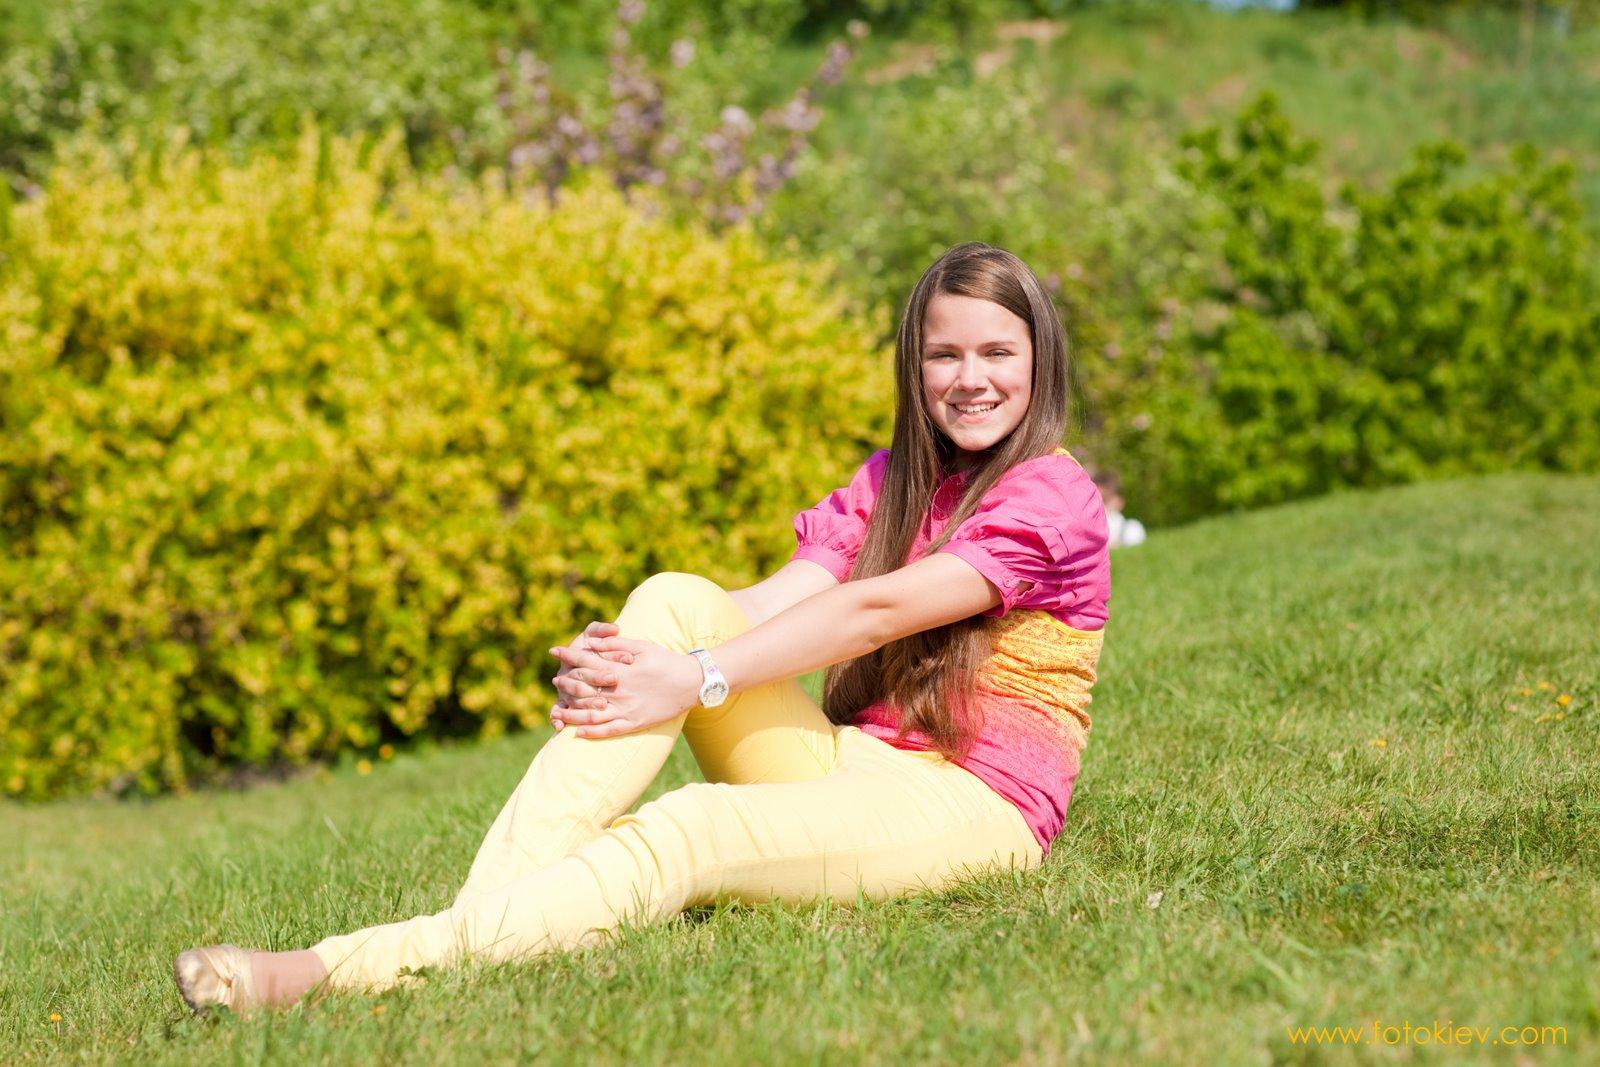 Юная девочка модель эдуарда 2 фотография